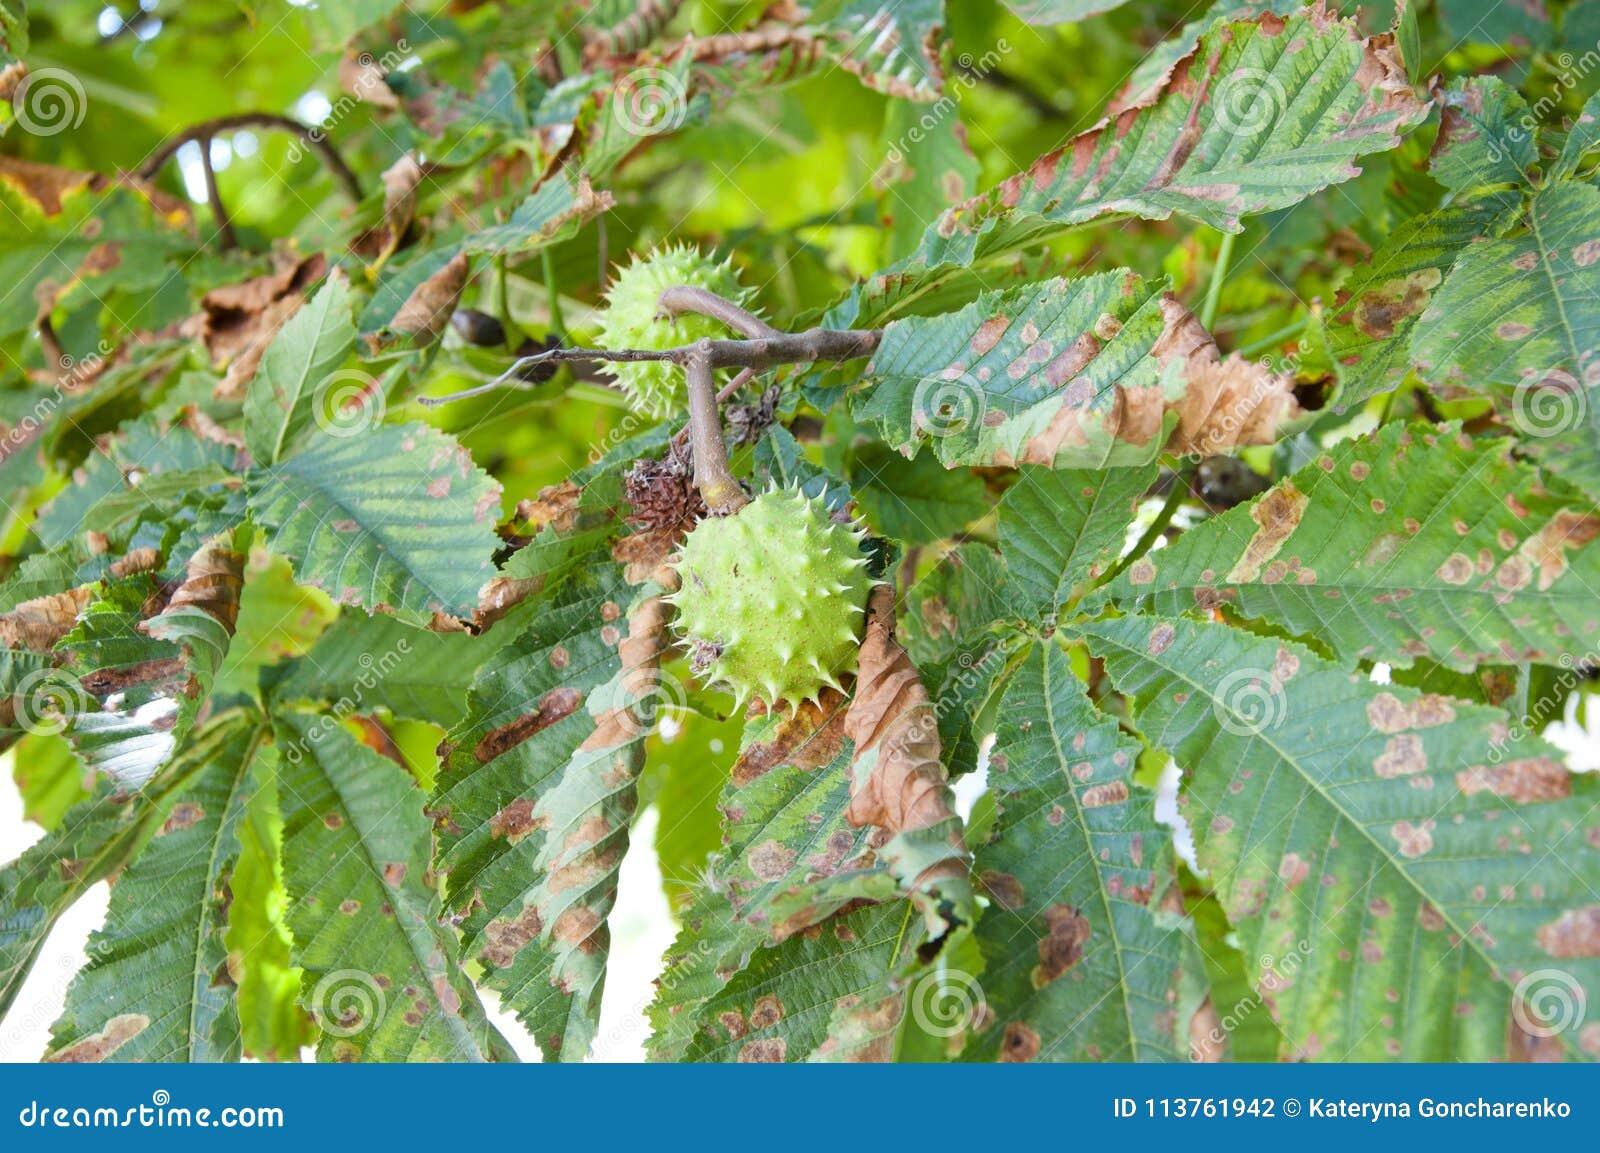 Κάστανο σε ένα δέντρο με τα πράσινα φύλλα το καλοκαίρι